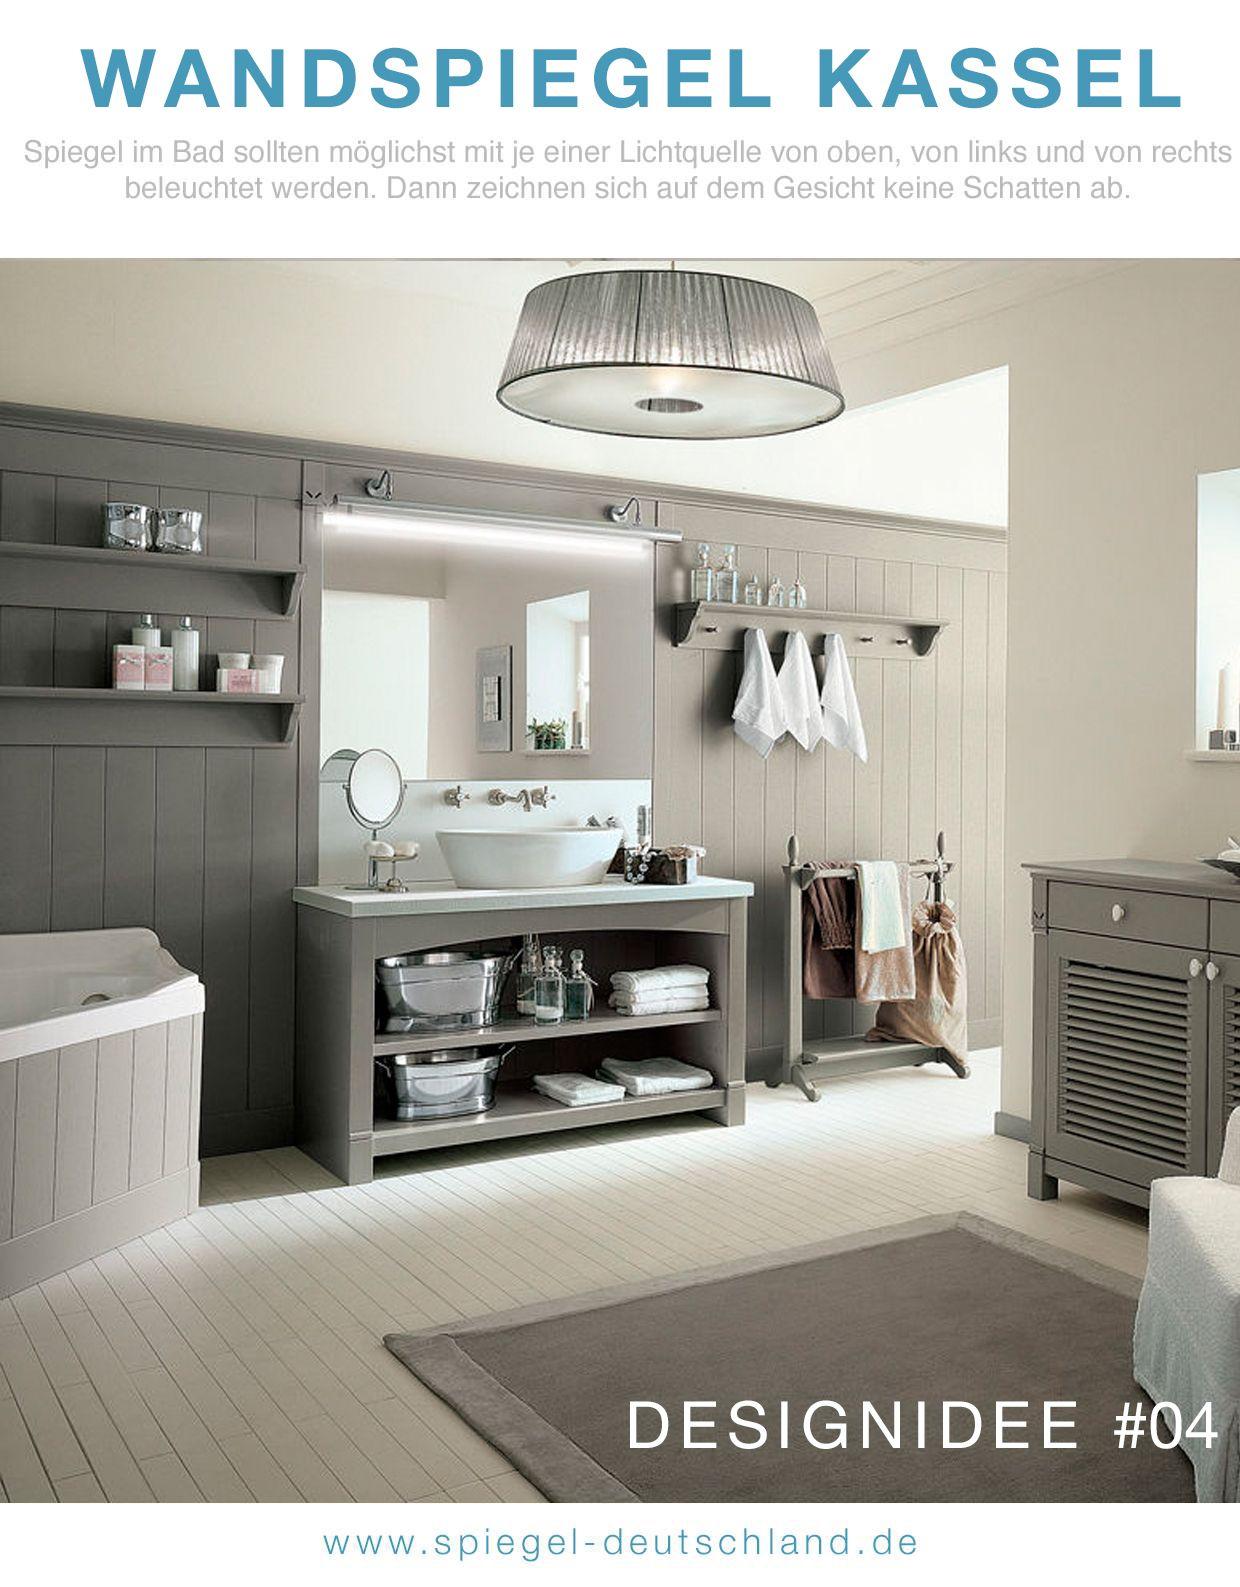 Perfect  DESIGNIDEE Klassischer Badspiegel mit moderner LED Beleuchtung dass ist unser